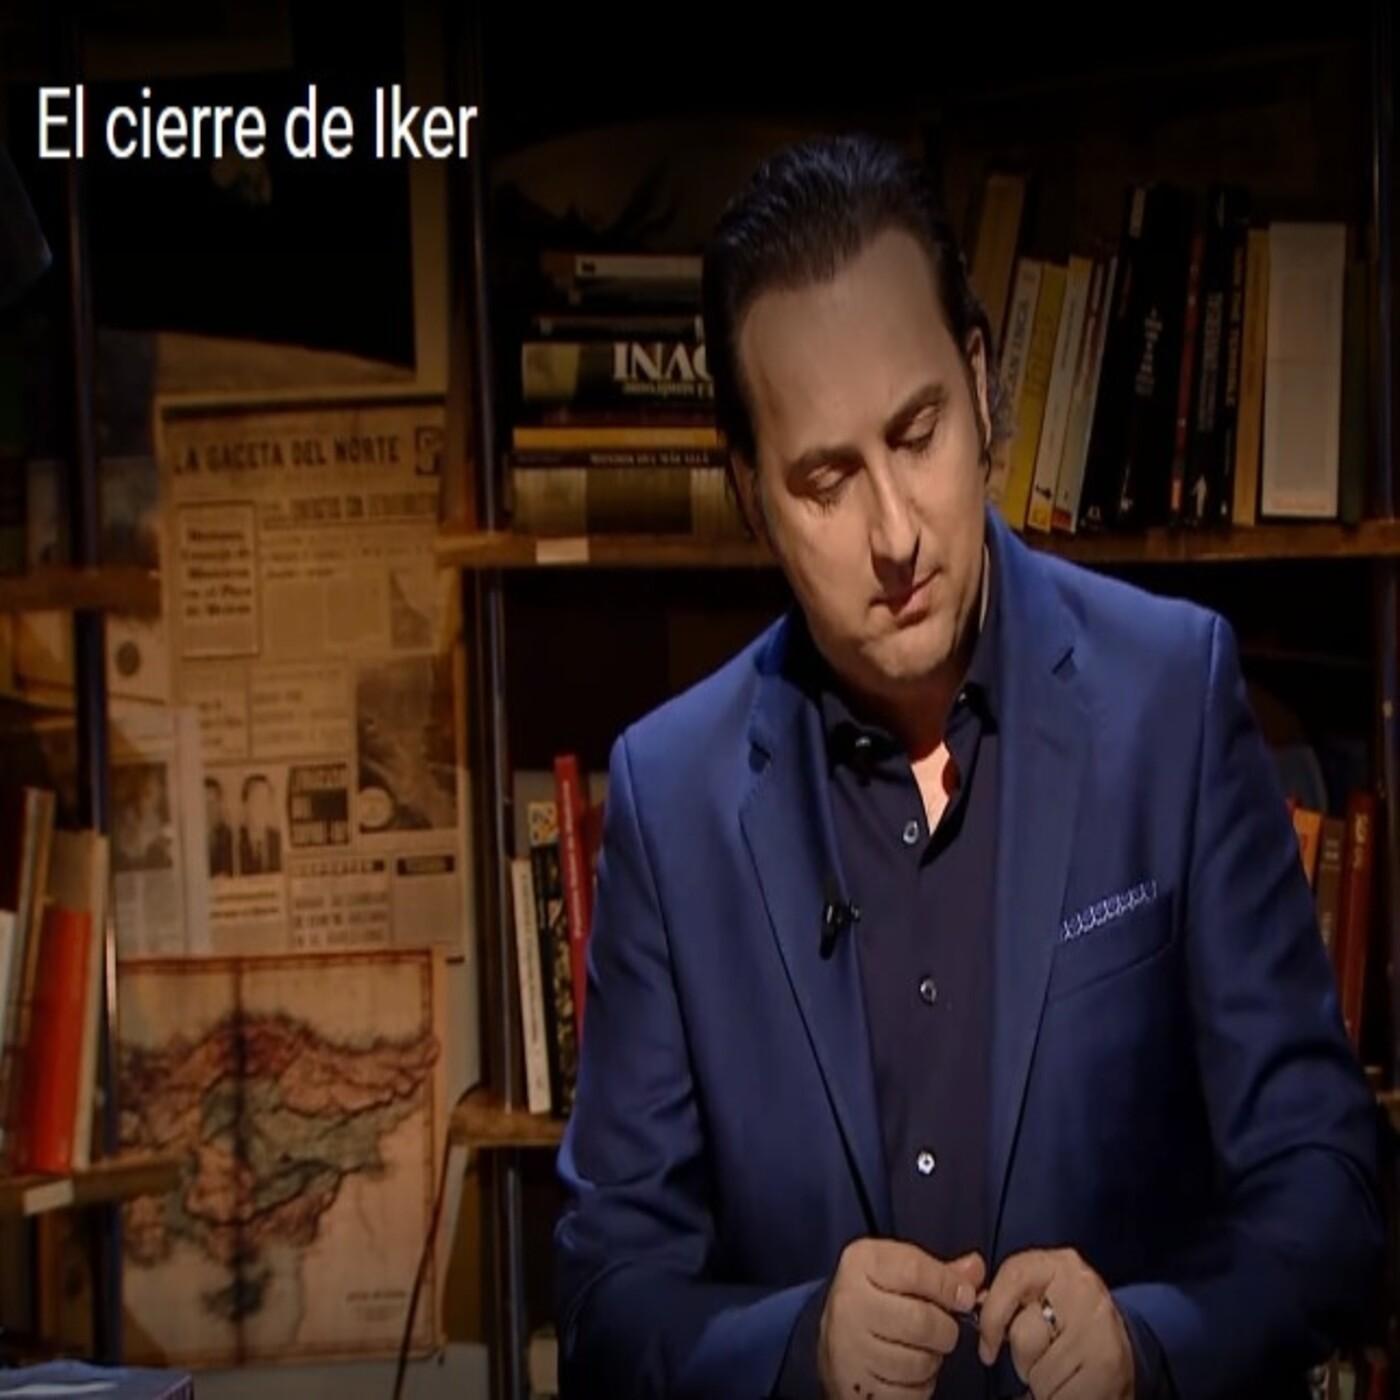 El cierre de Iker: El mundo de las apariciones OVNI